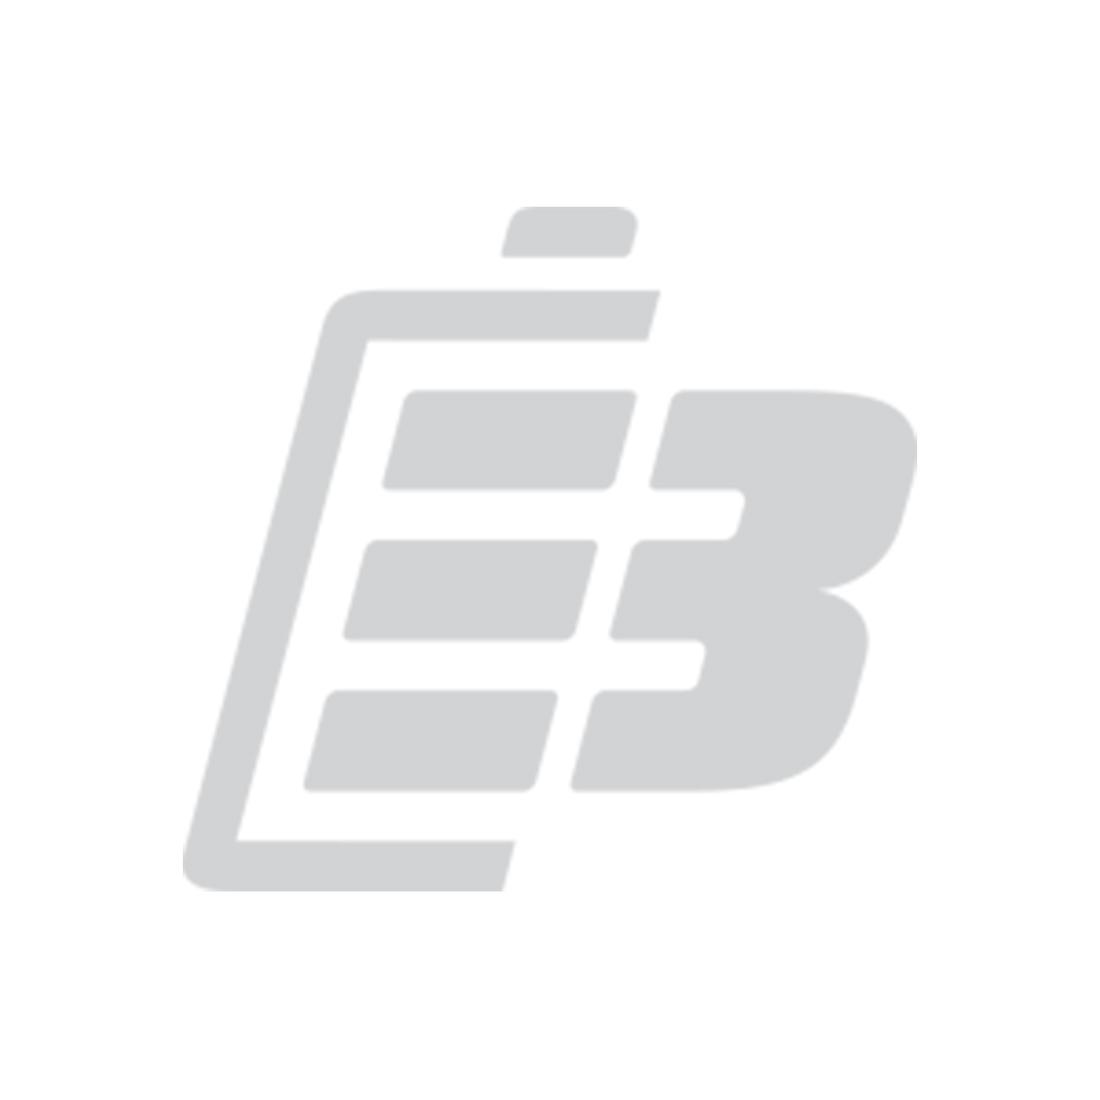 Smartwatch battery Garmin Fenix 5_1